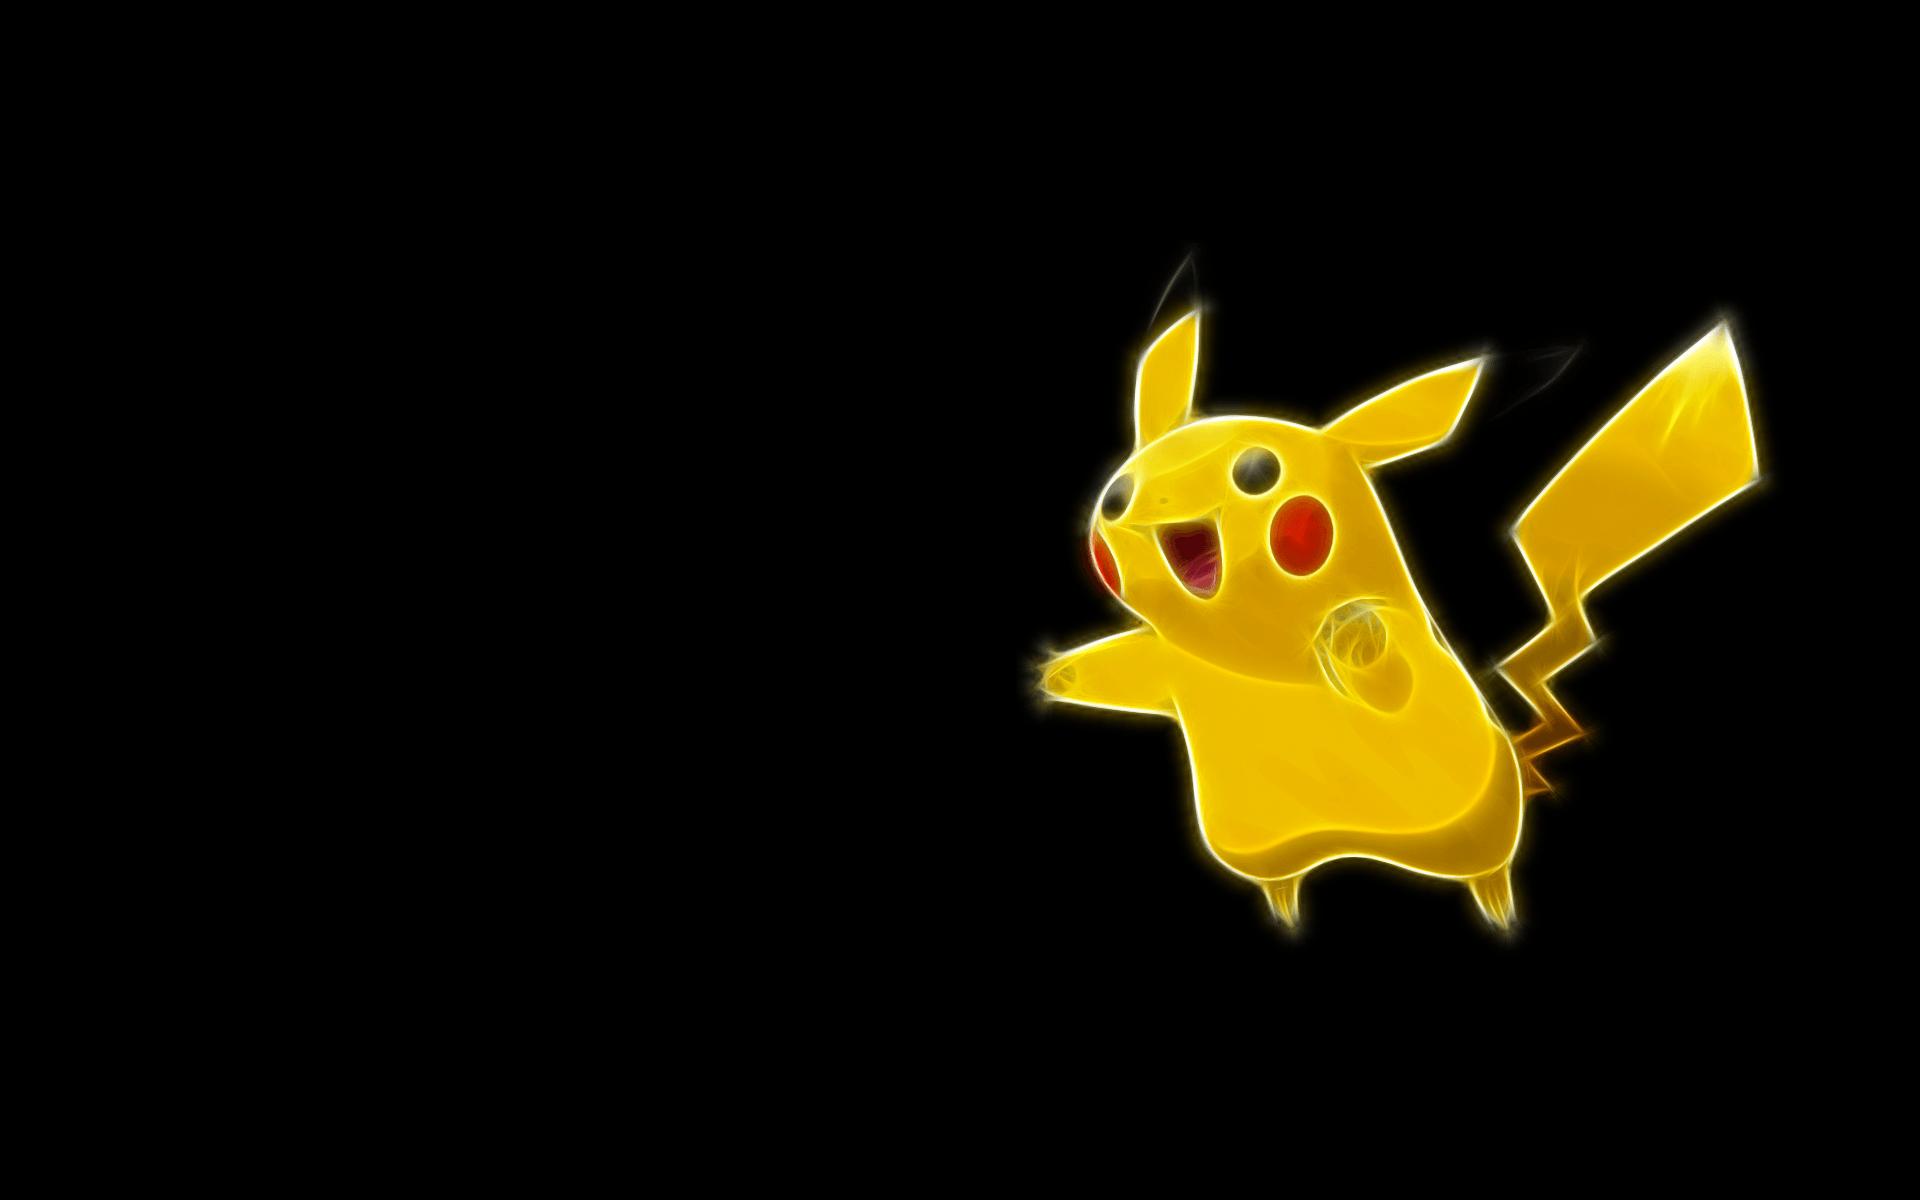 Pokemon Wallpapers Pikachu 1920x1200